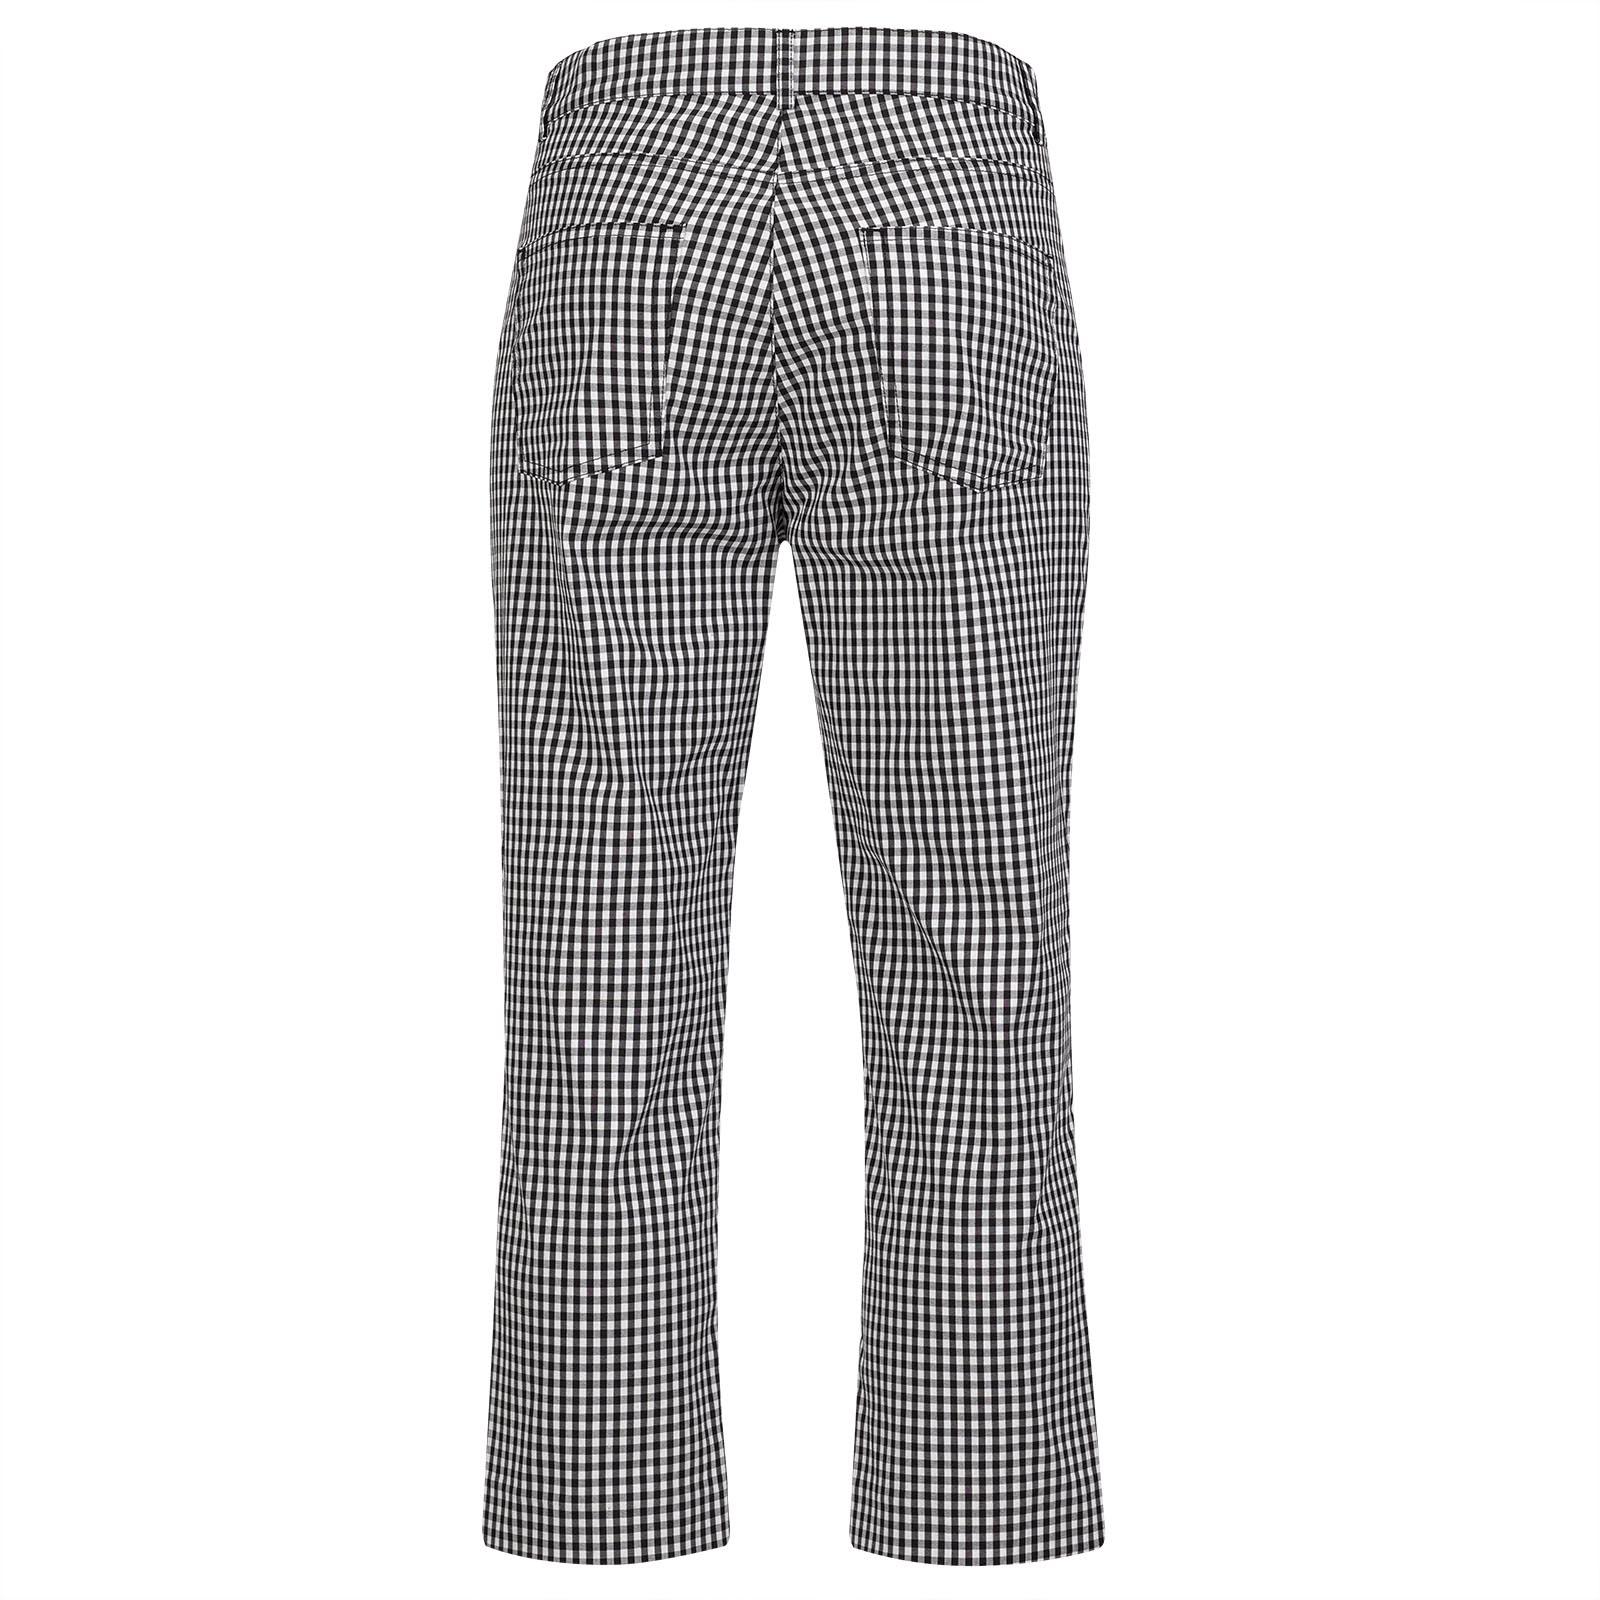 Damen Golf-Caprihose mit modischem Vichy Muster und Stretchfunktion